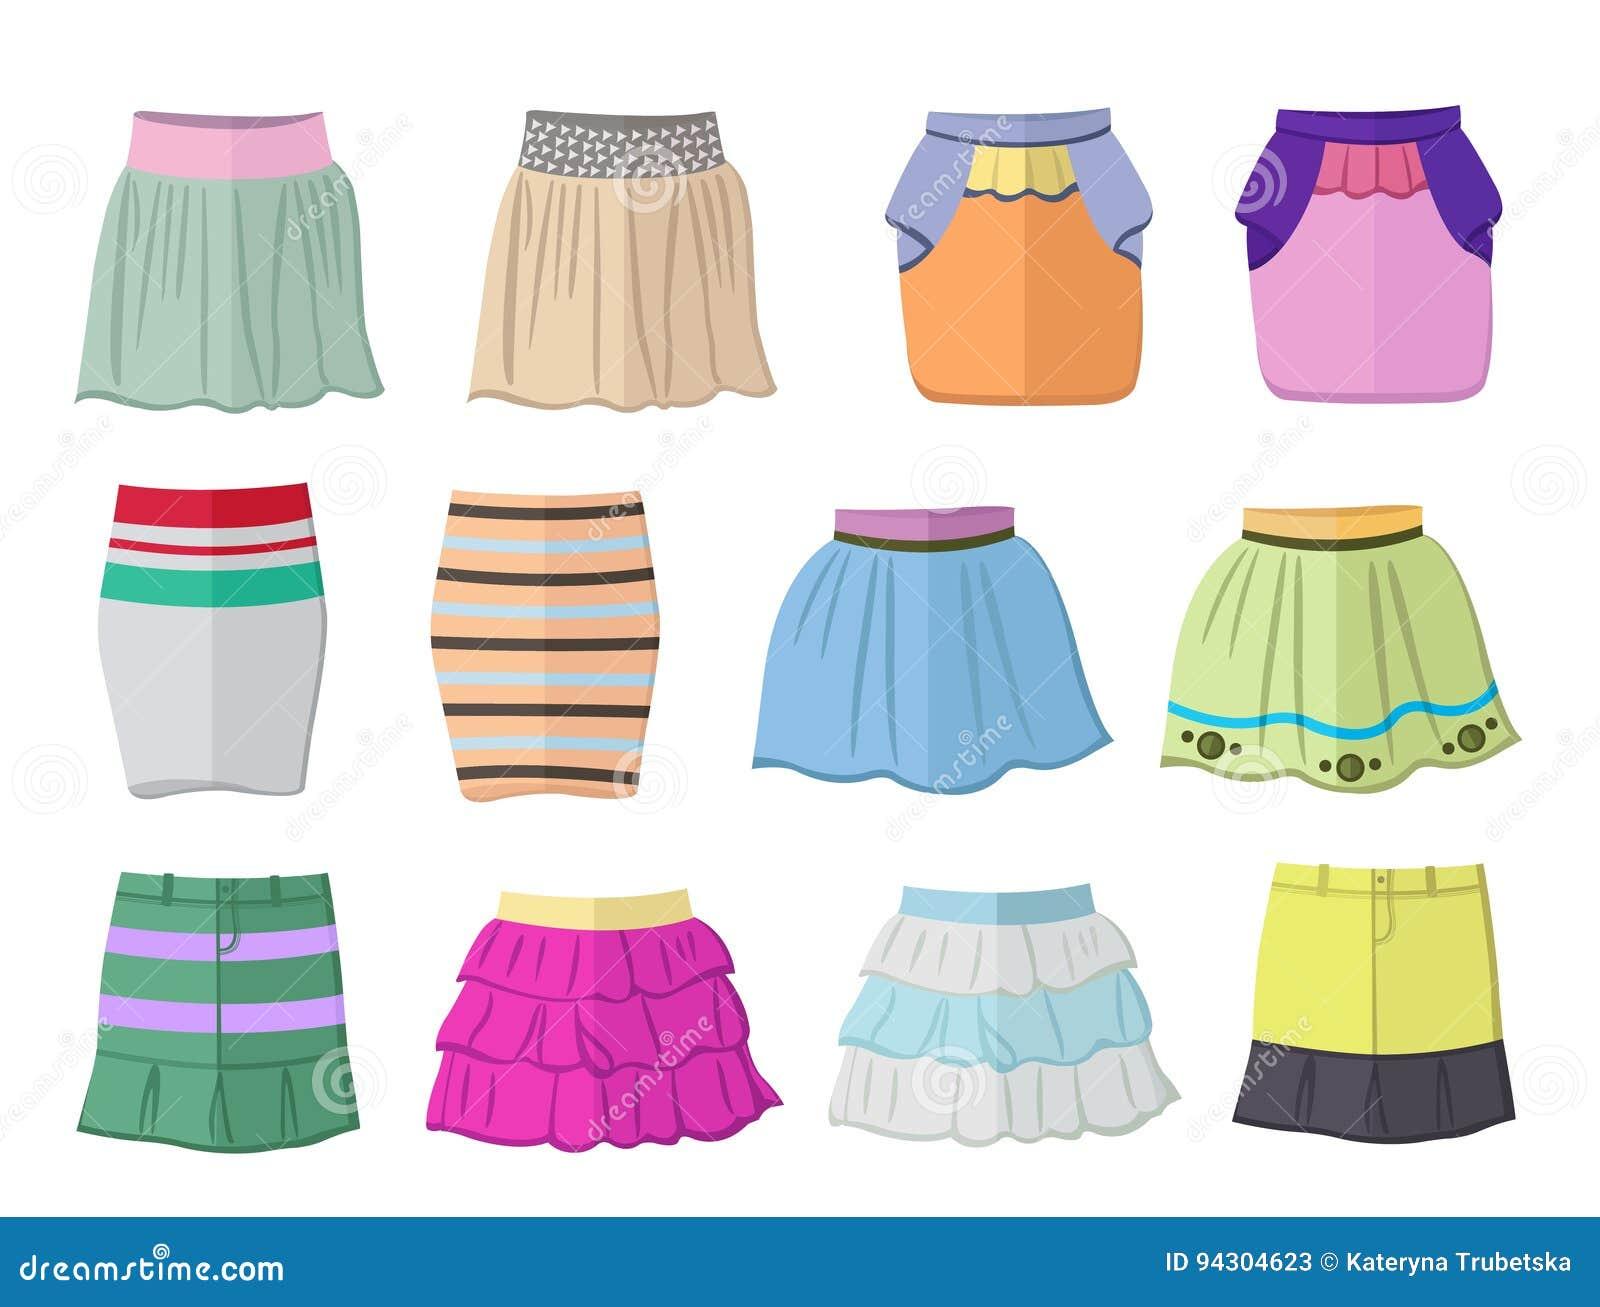 Faldas Cortas Del Verano En Diseño Plano Ilustración del Vector ... 0acb46eb5949